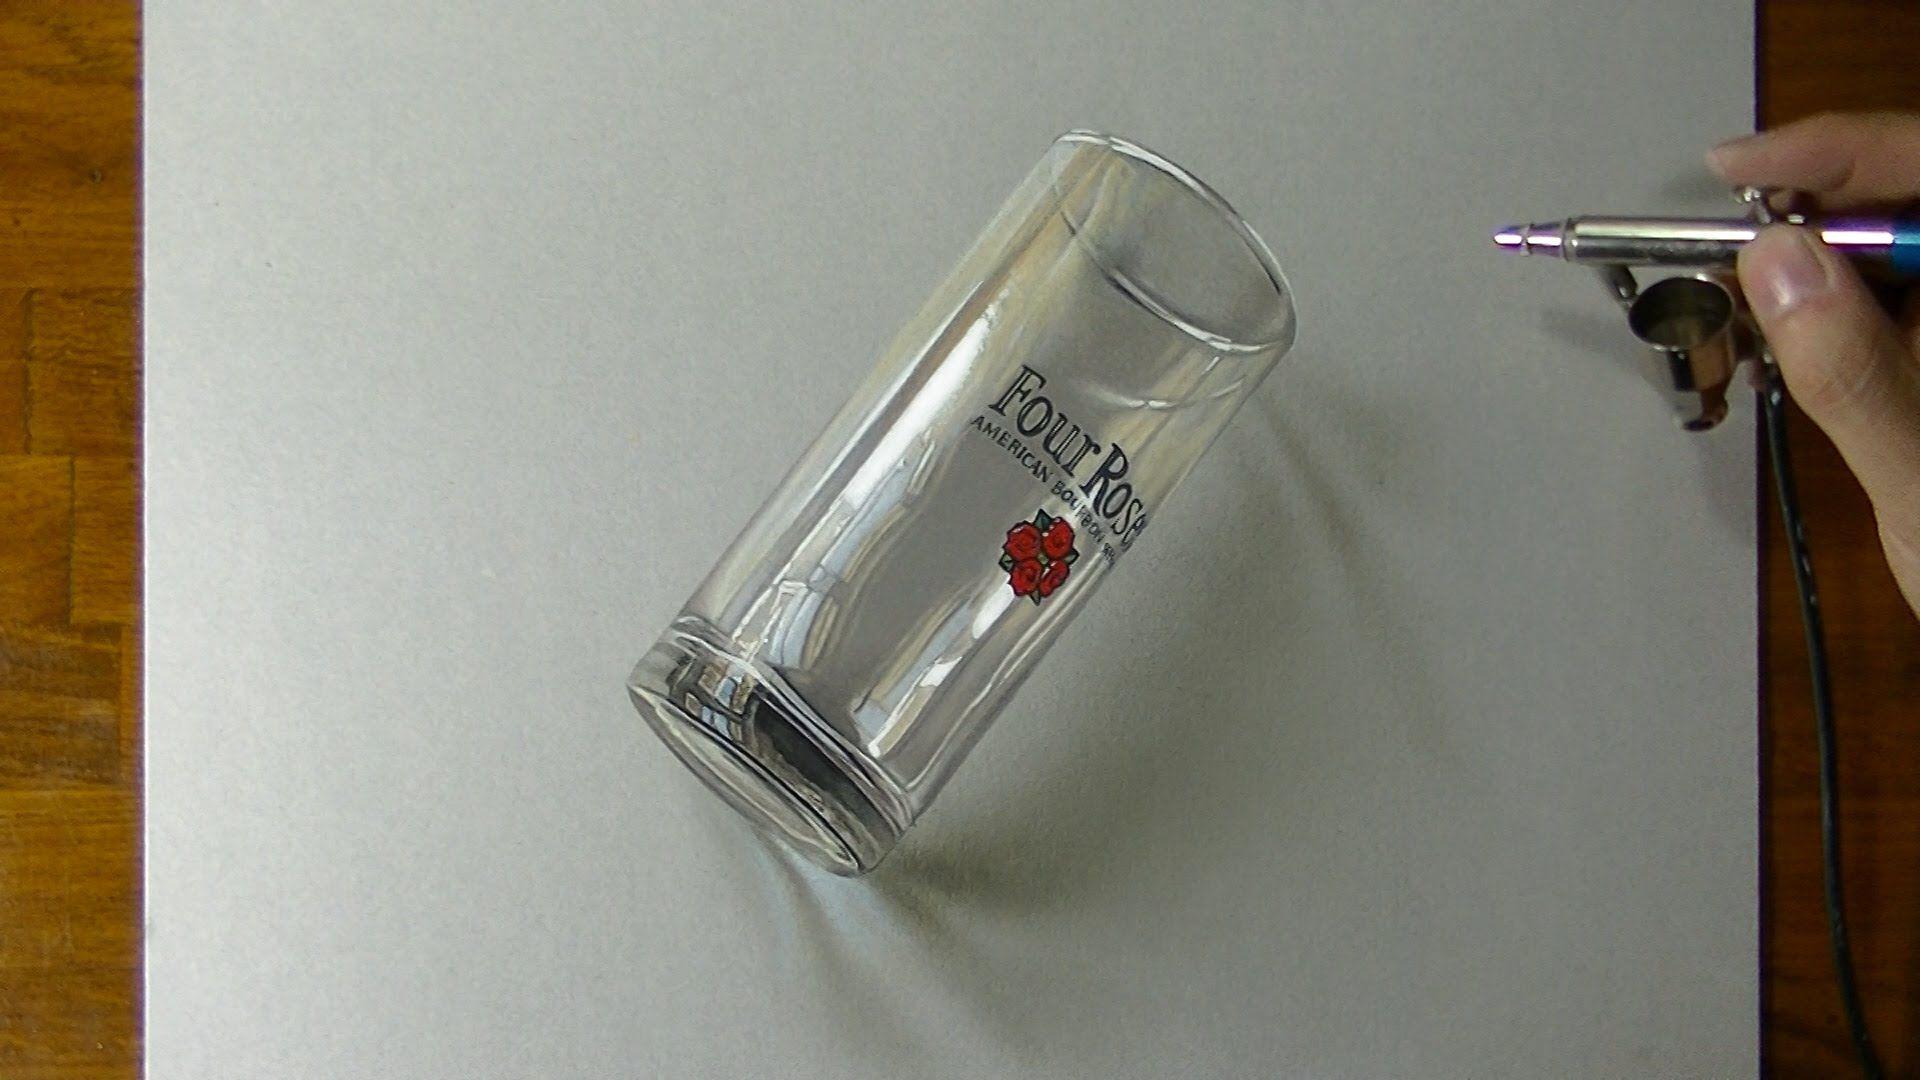 Disegno di un bicchiere di whisky come disegnare in 3d for Disegnare in 3d online